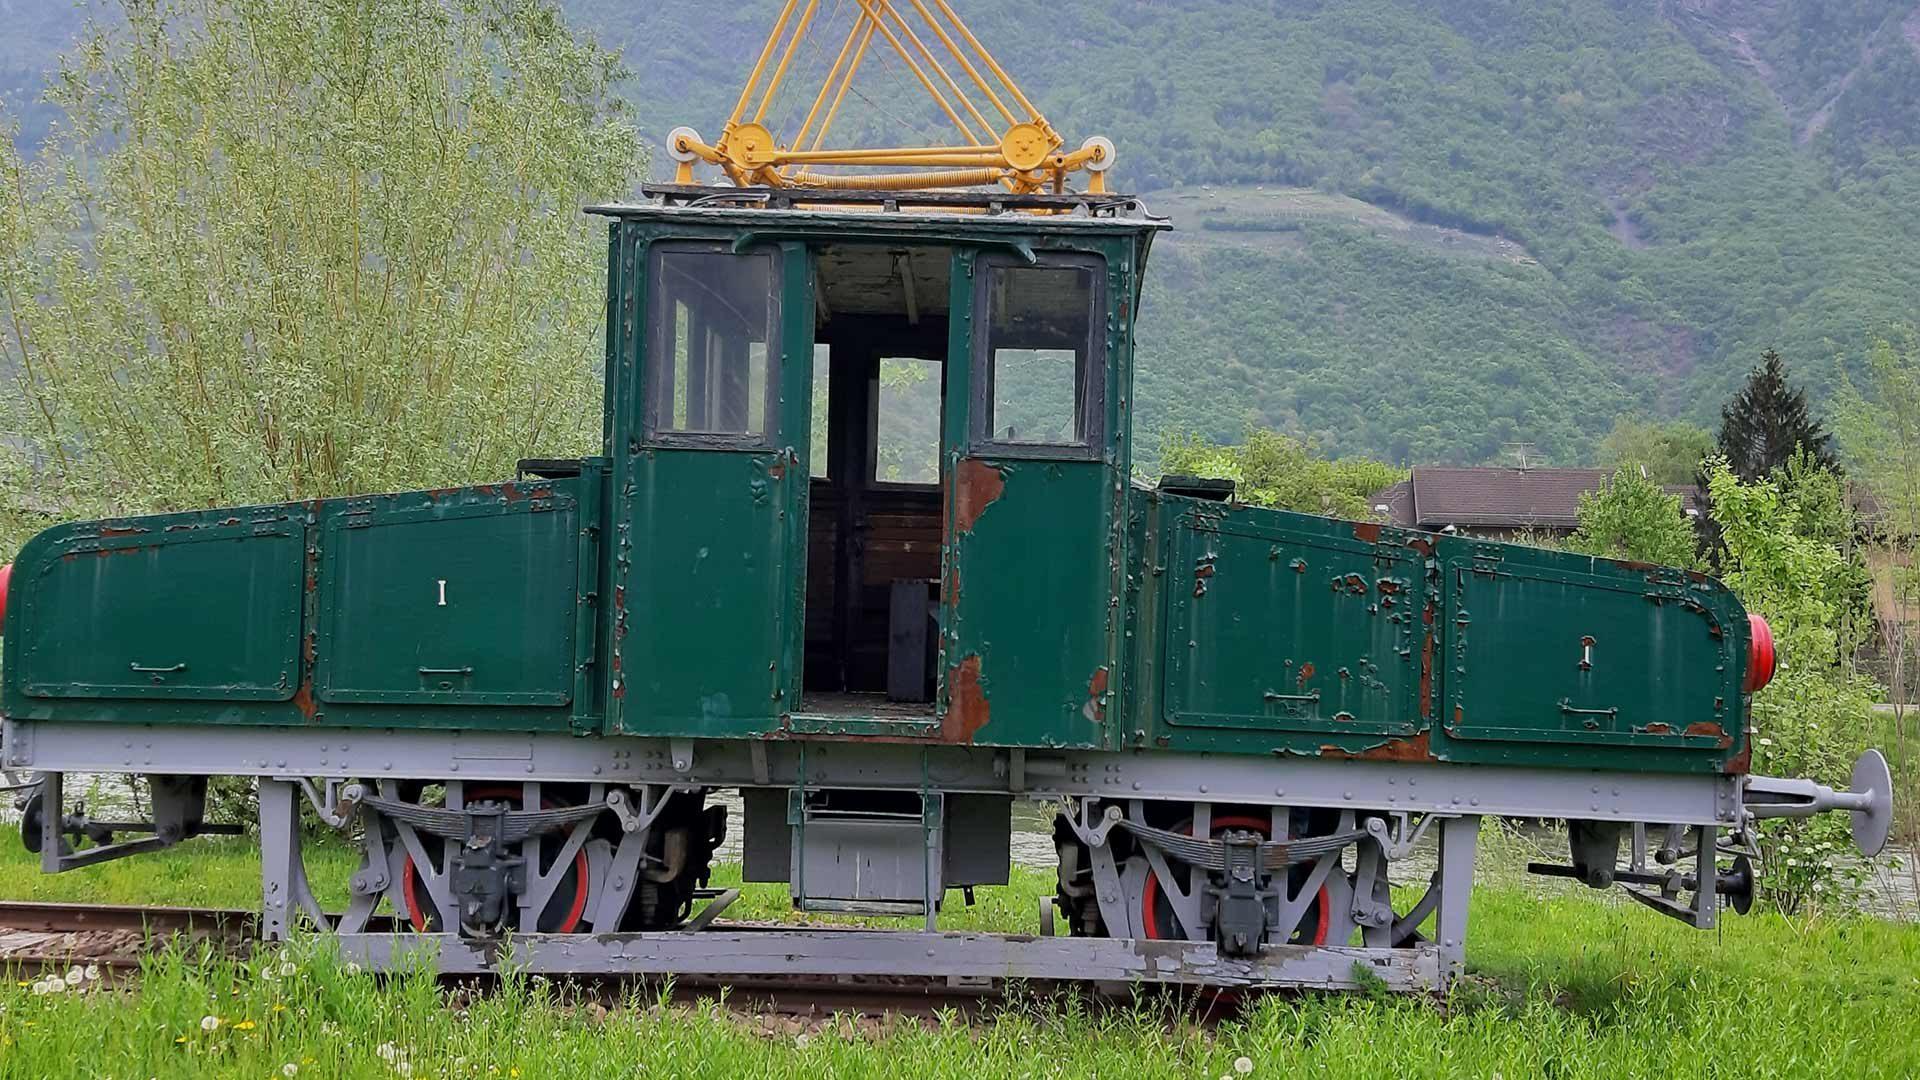 Locomotiva storica - Postal